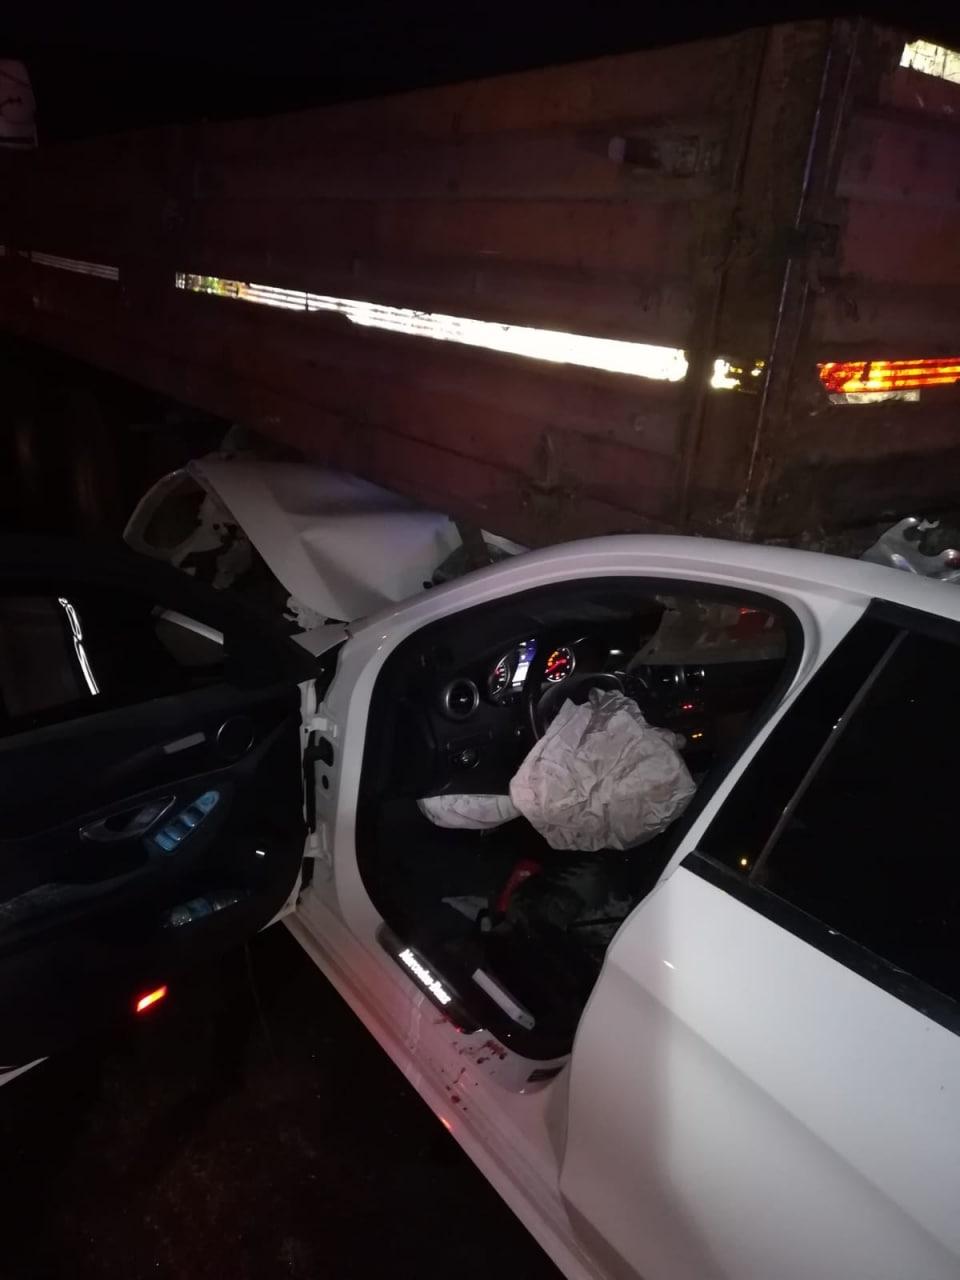 Kahramanmaraş'ta feci kaza: 2'si polis 3 ölü, 1 ağır yaralı 1